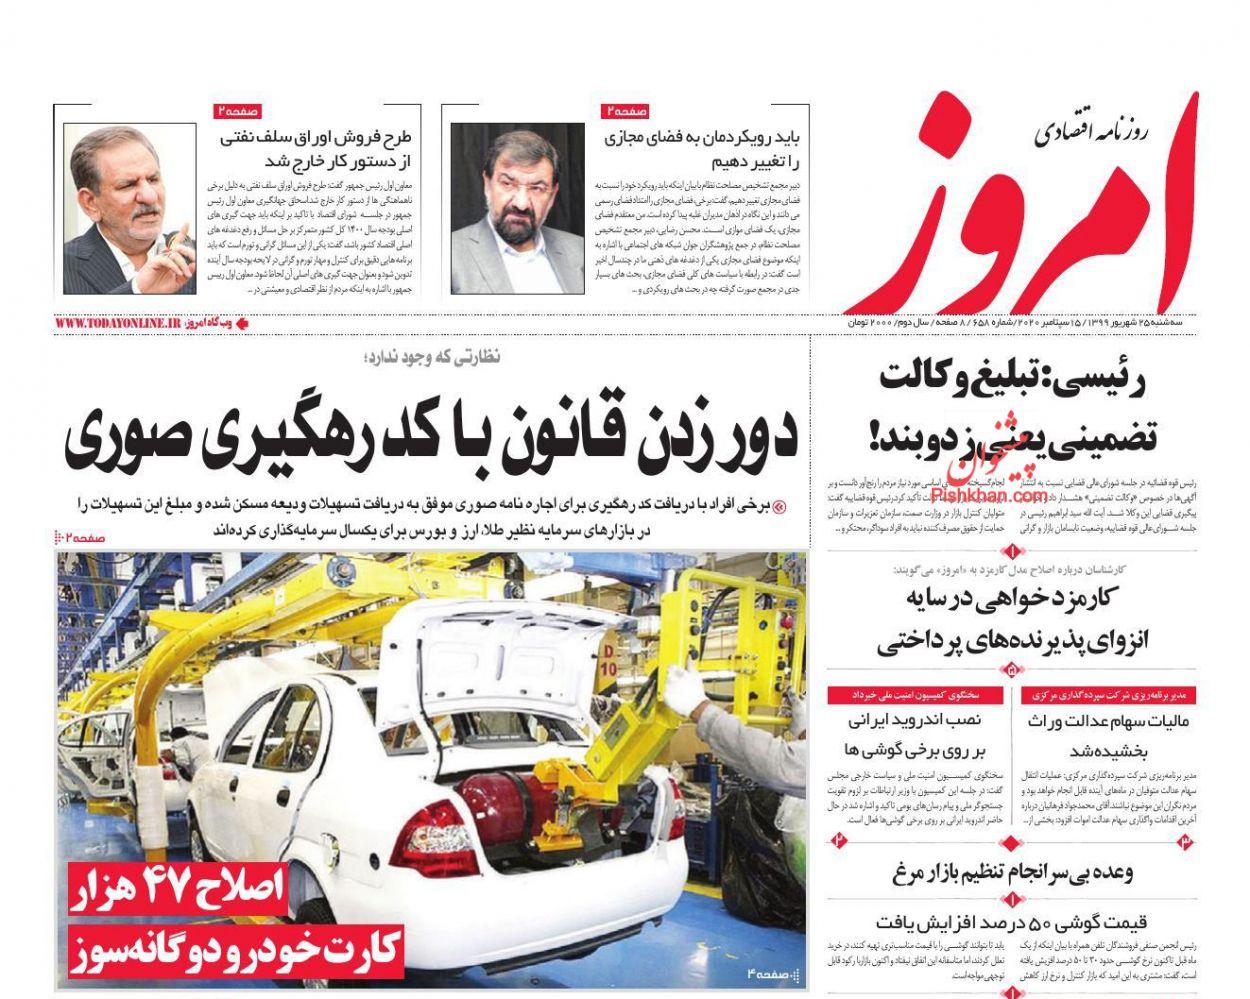 عناوین اخبار روزنامه امروز در روز سهشنبه ۲۵ شهريور